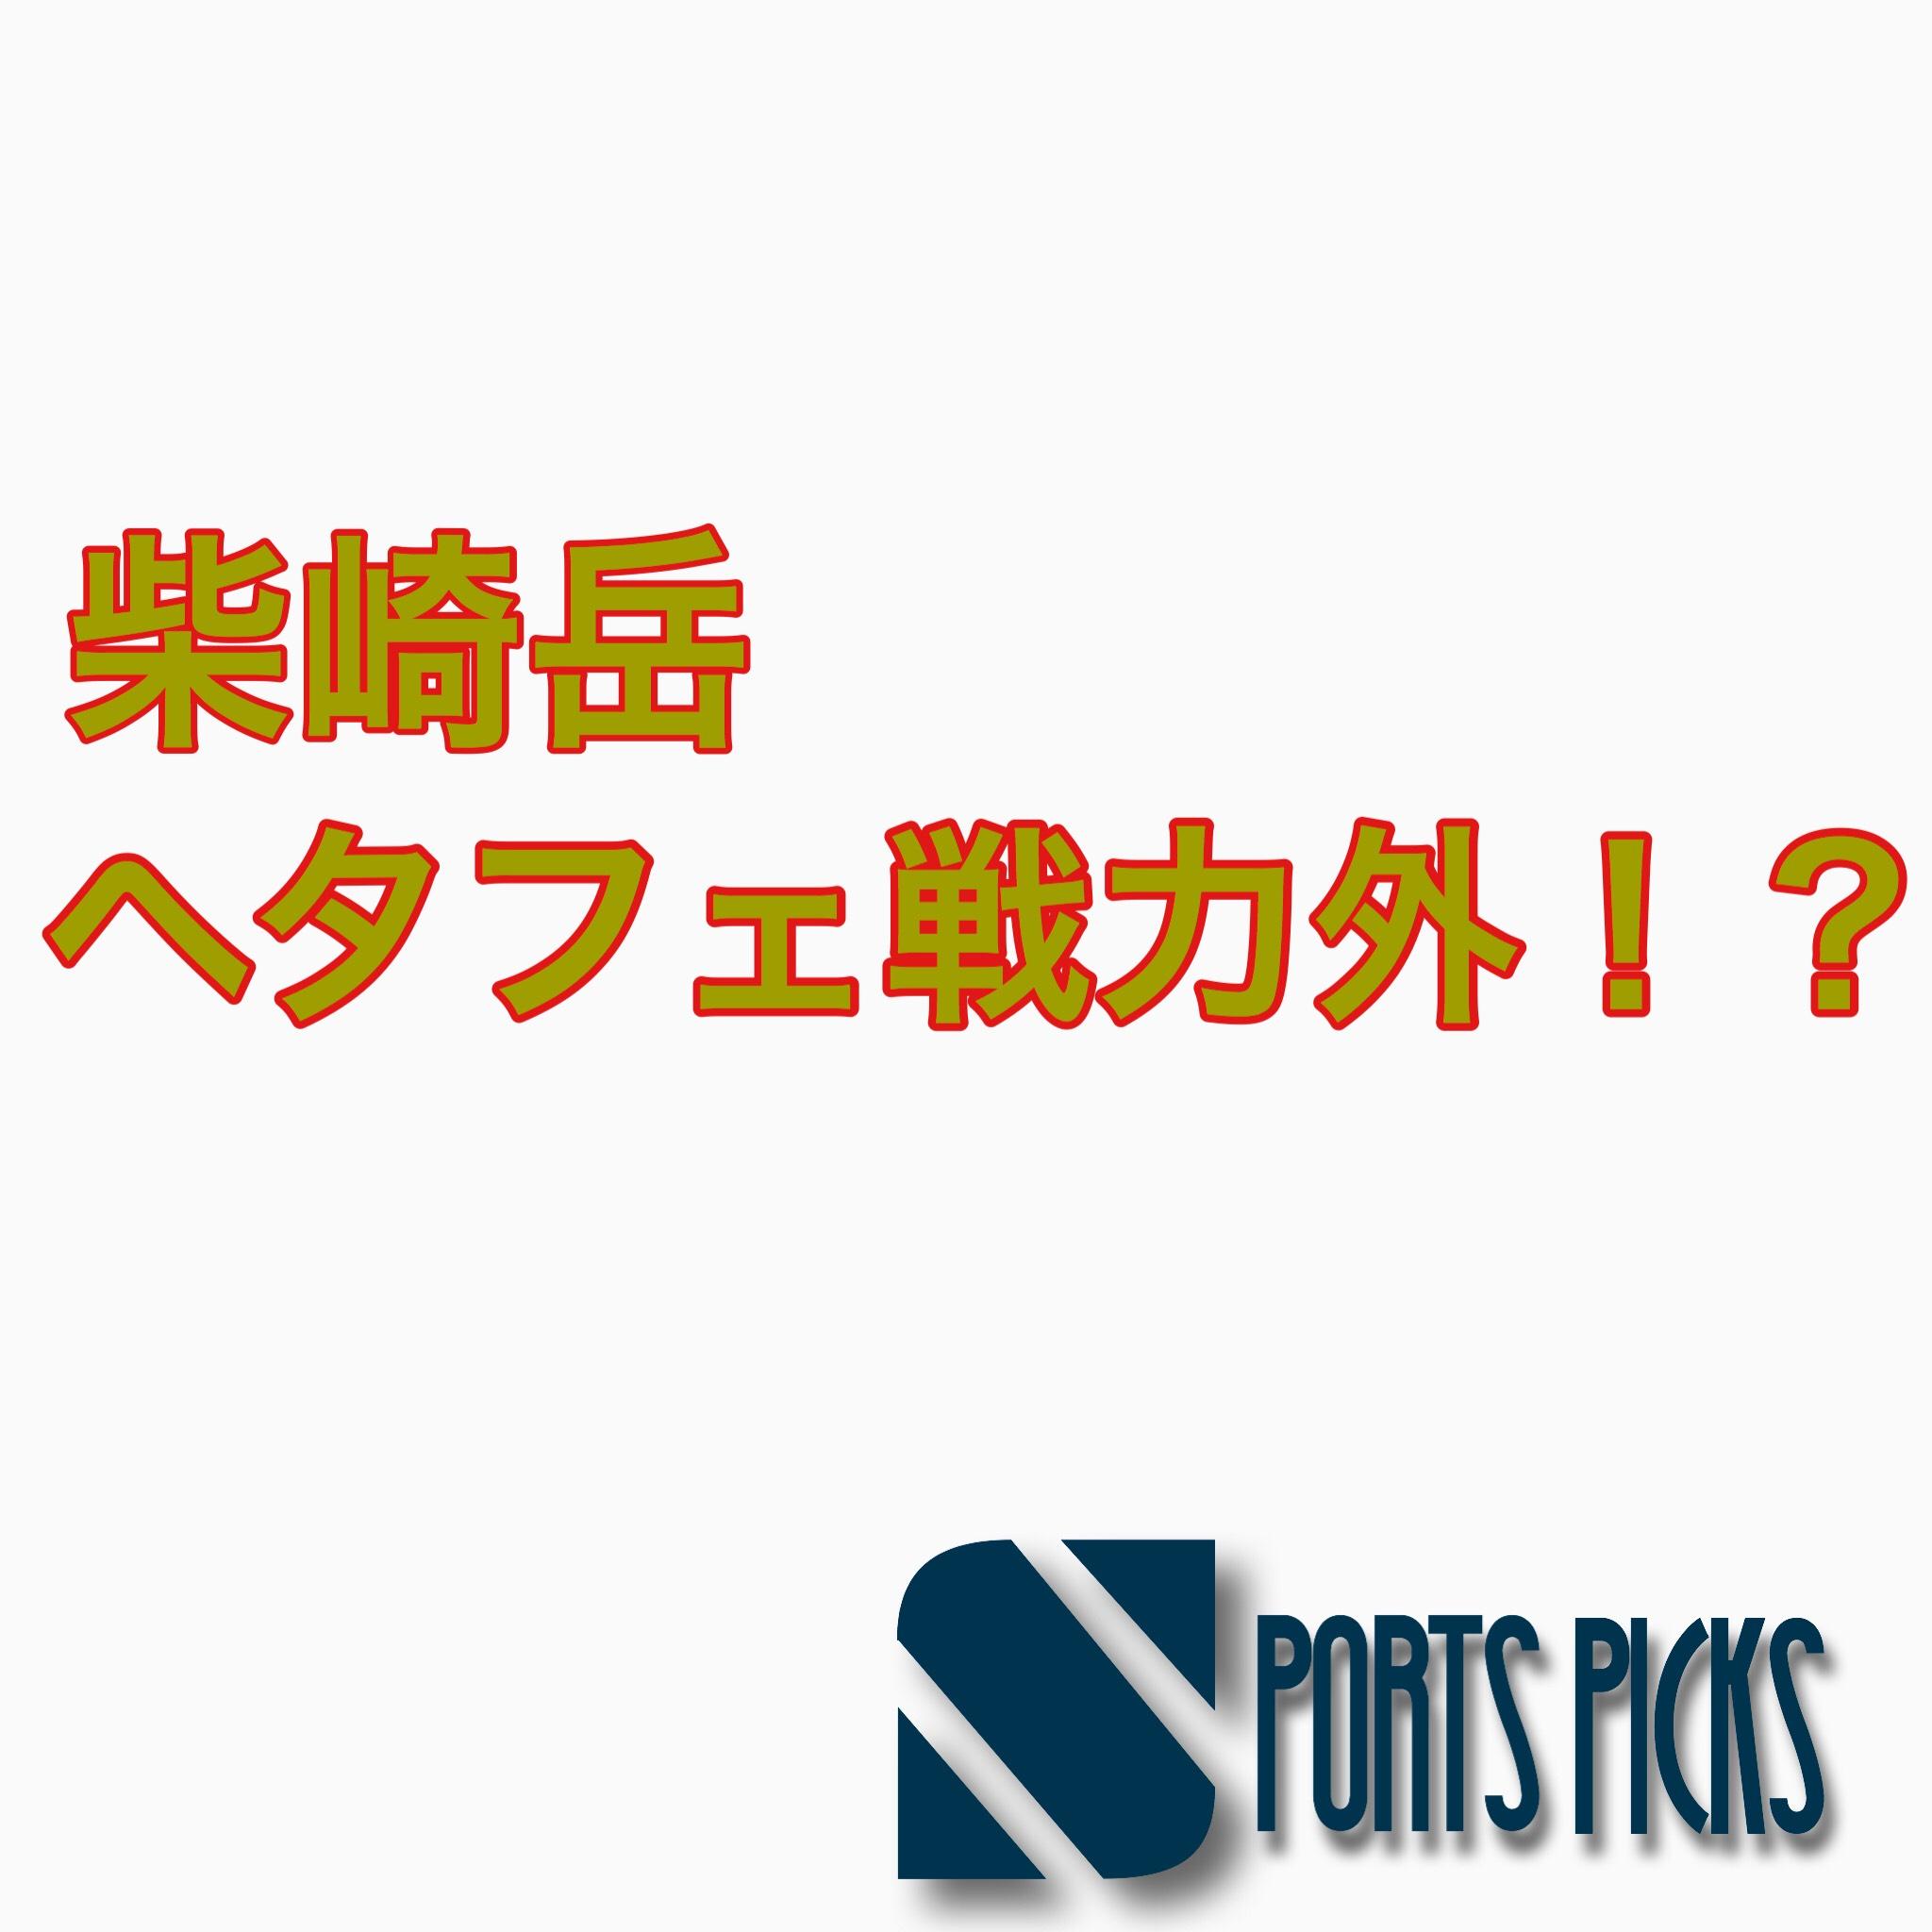 柴崎岳 ヘタフェCFから移籍へ!? 嫁は真野恵里菜